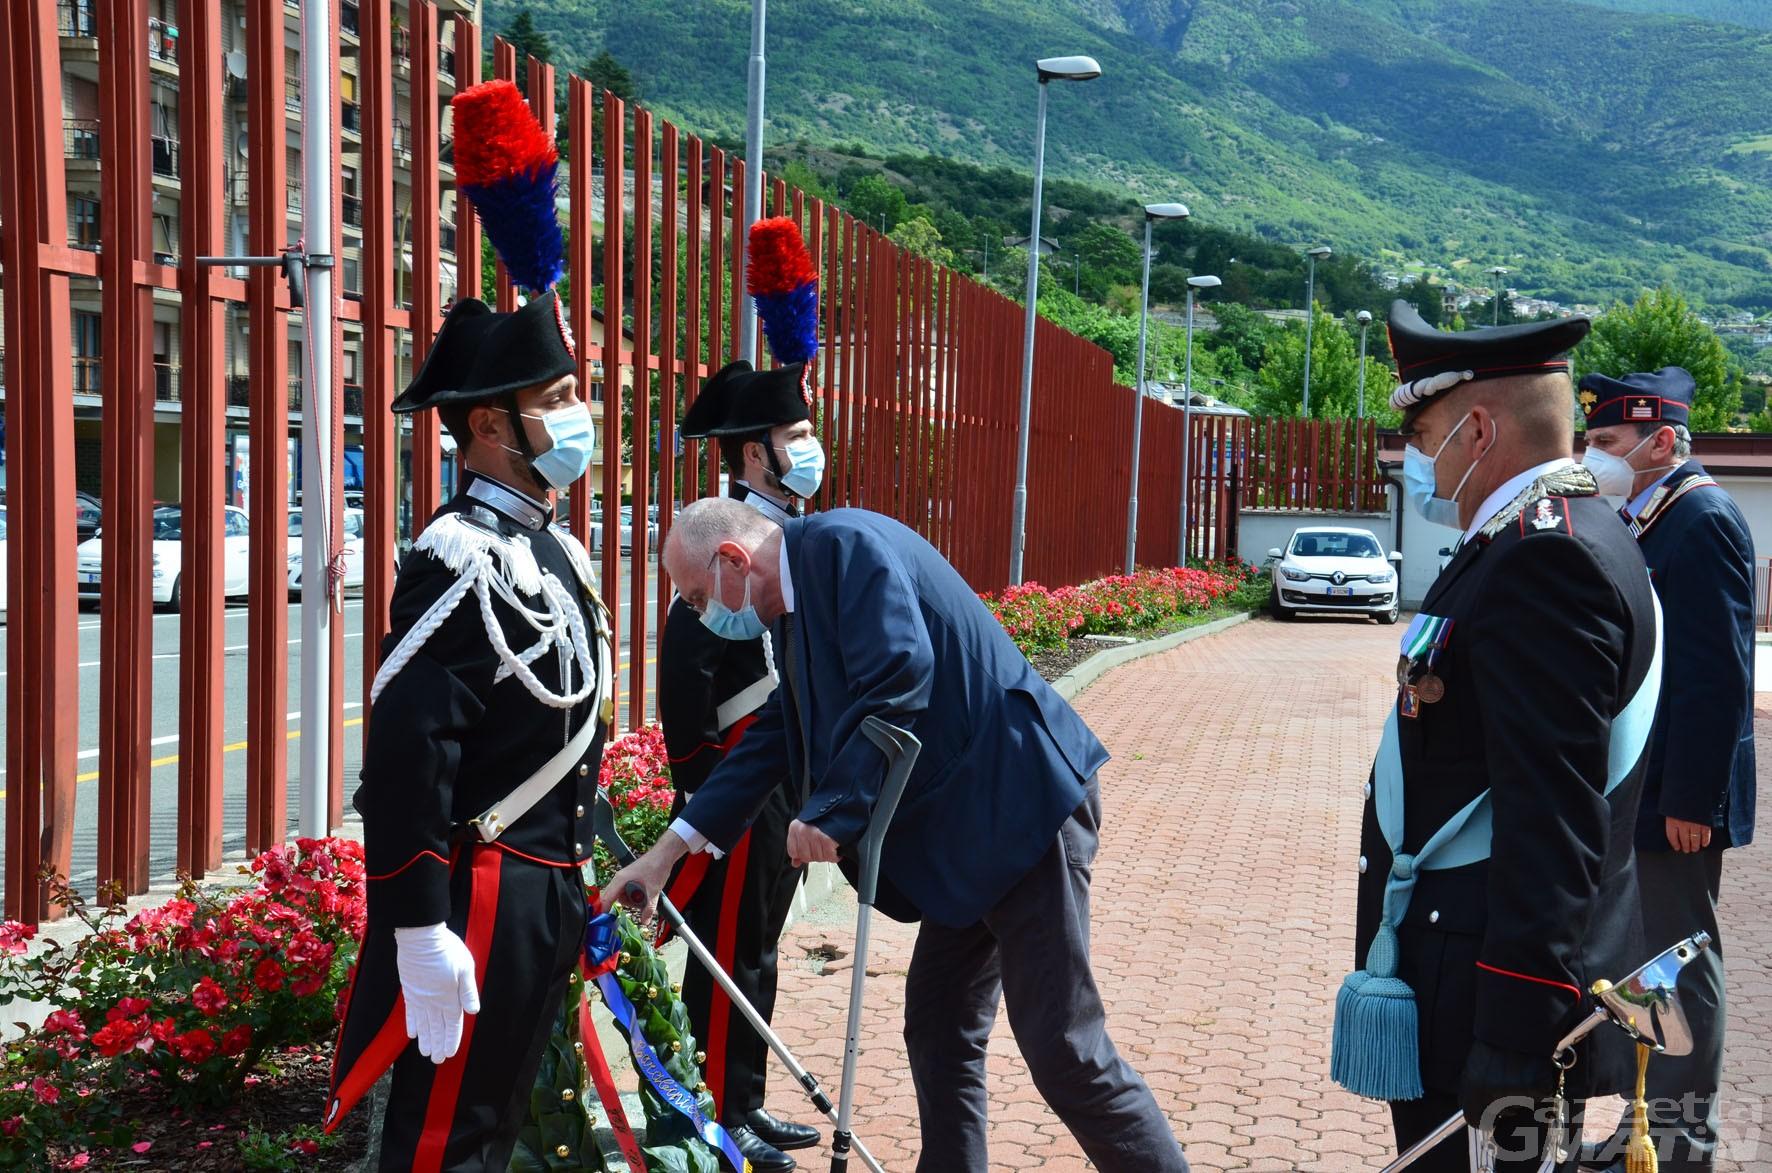 Carabinieri: in Valle d'Aosta nel 2019 furti in appartamenti e negozi calati del 32%